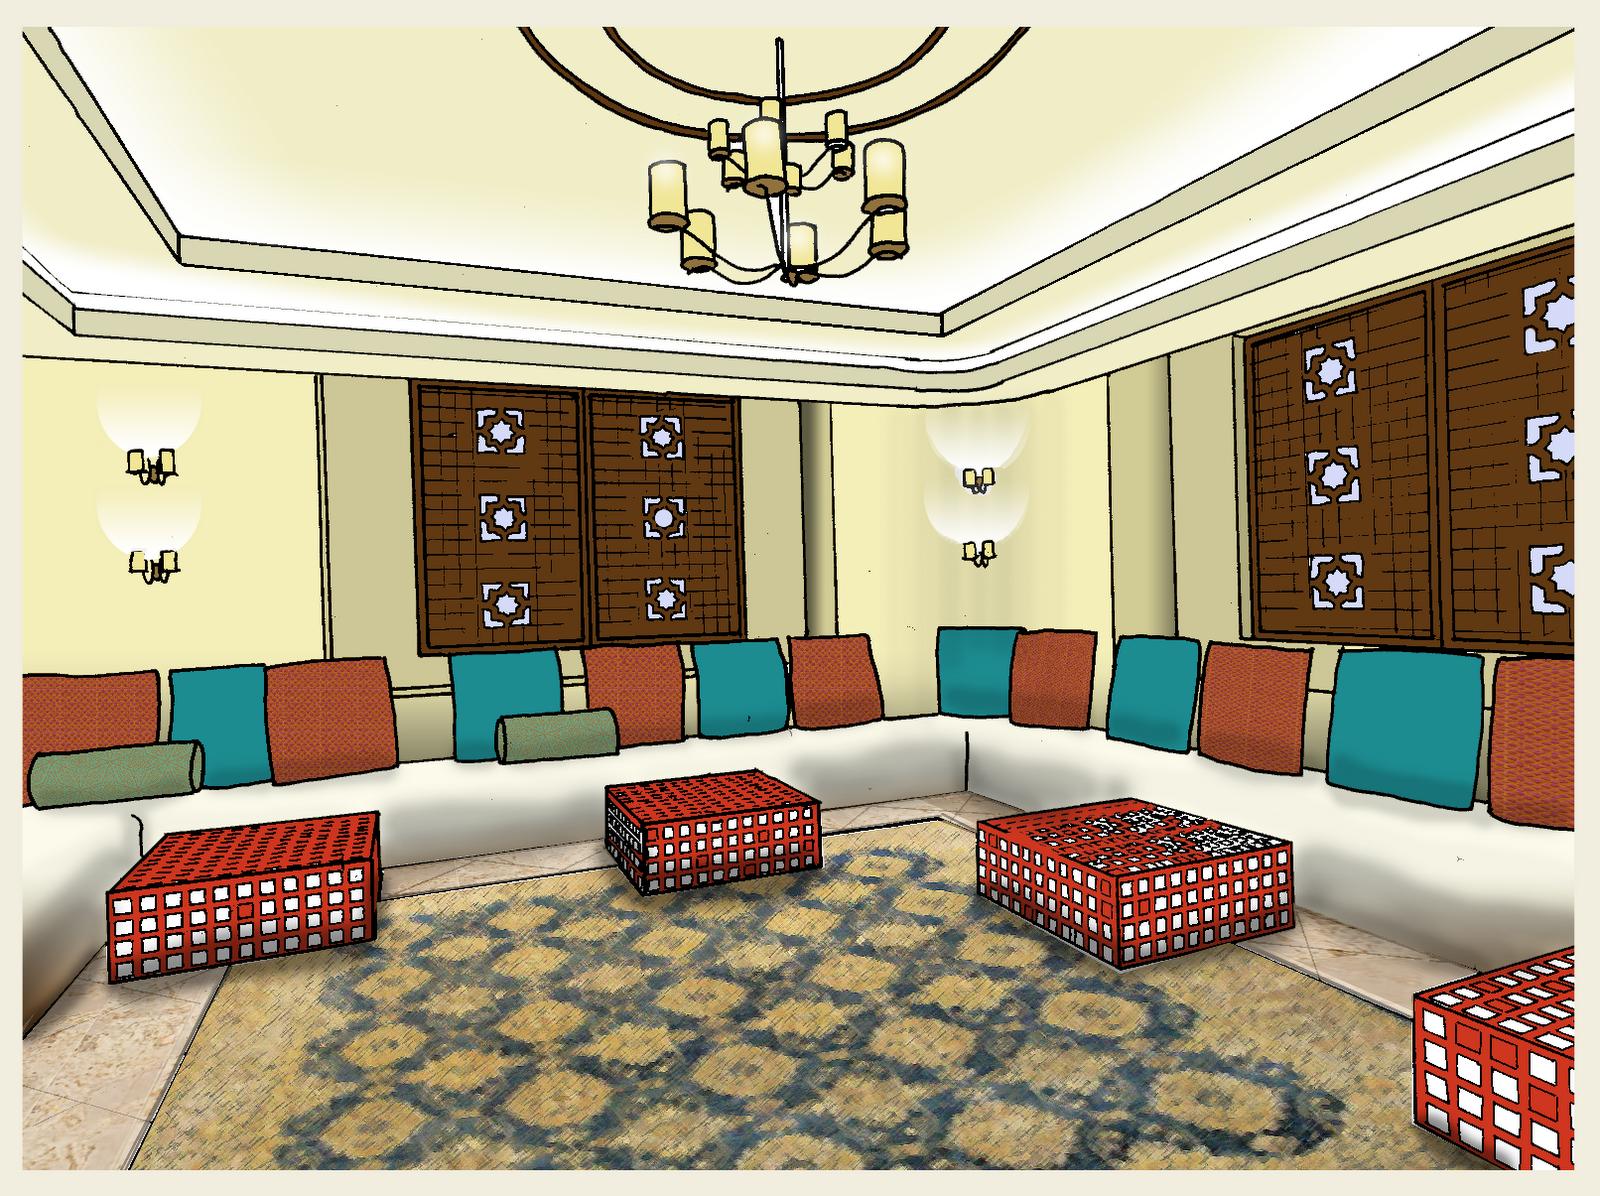 نموذج تصميم غرفة مجالس جميلة | المرسال